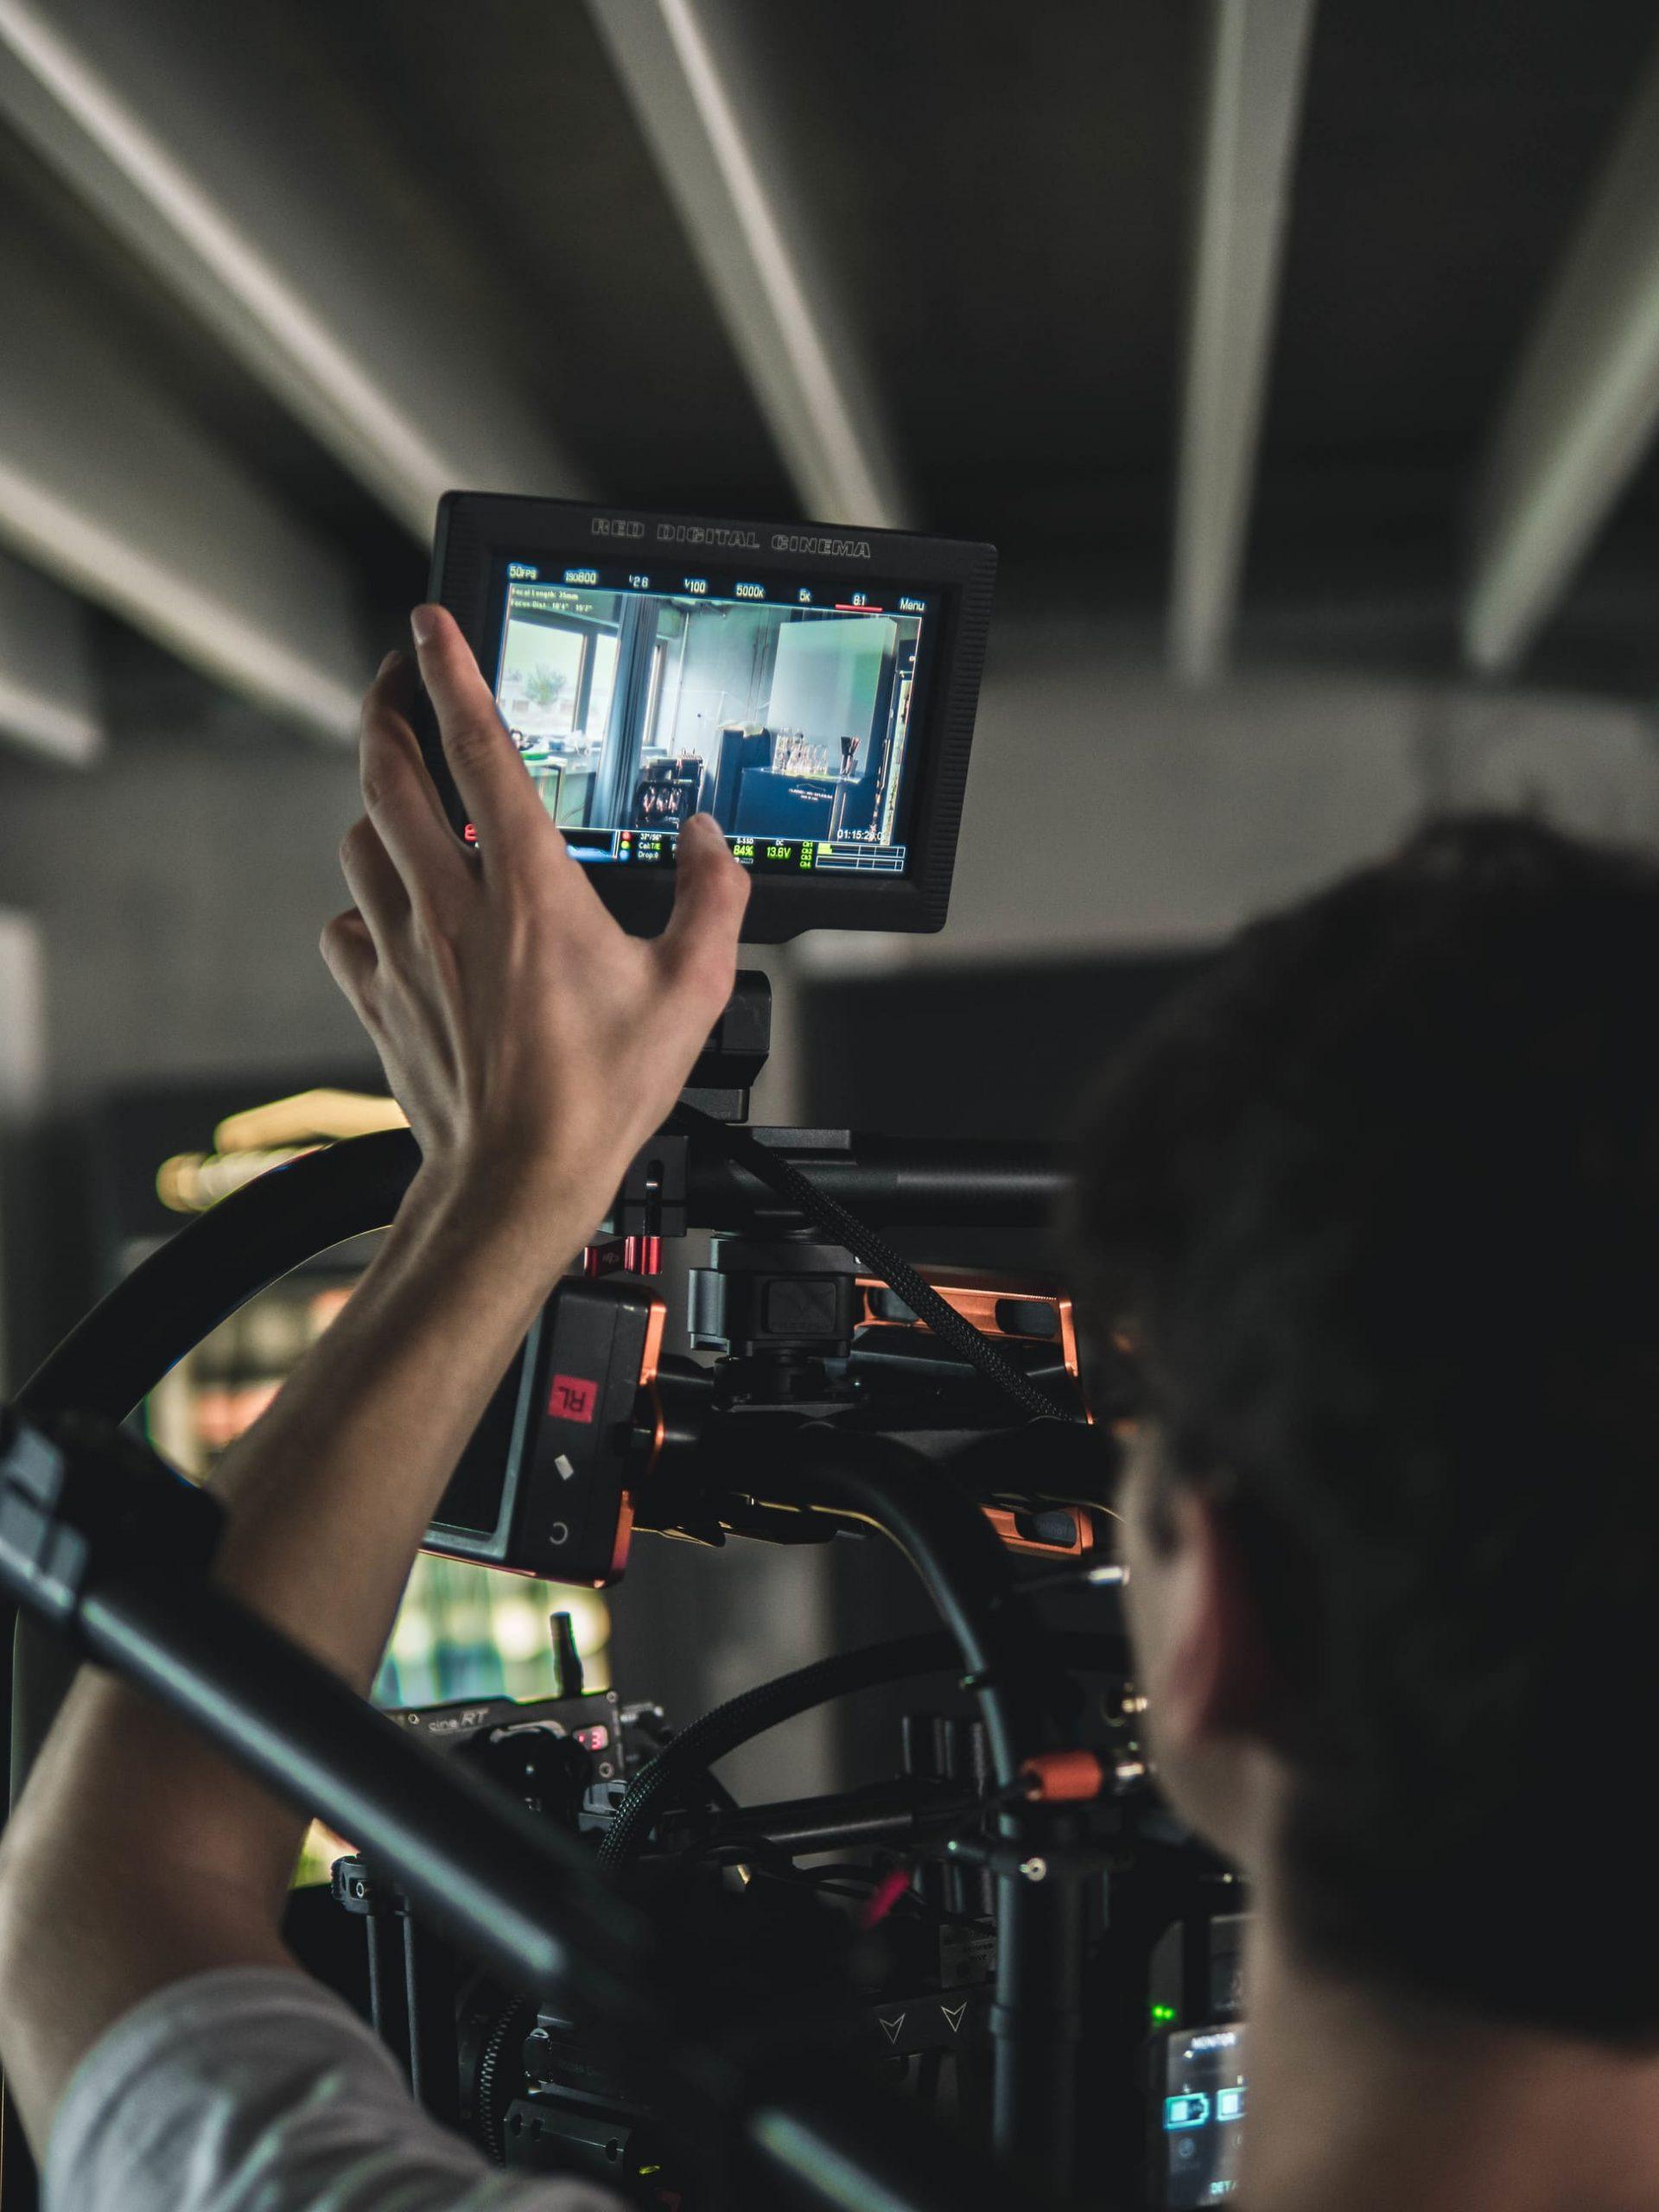 Porsche Werbefilm Filmproduktion in Stuttgart Linus Kirschner RED Gemini mit Atlas Supreme Zeiss Radiance Lense und Gimbal